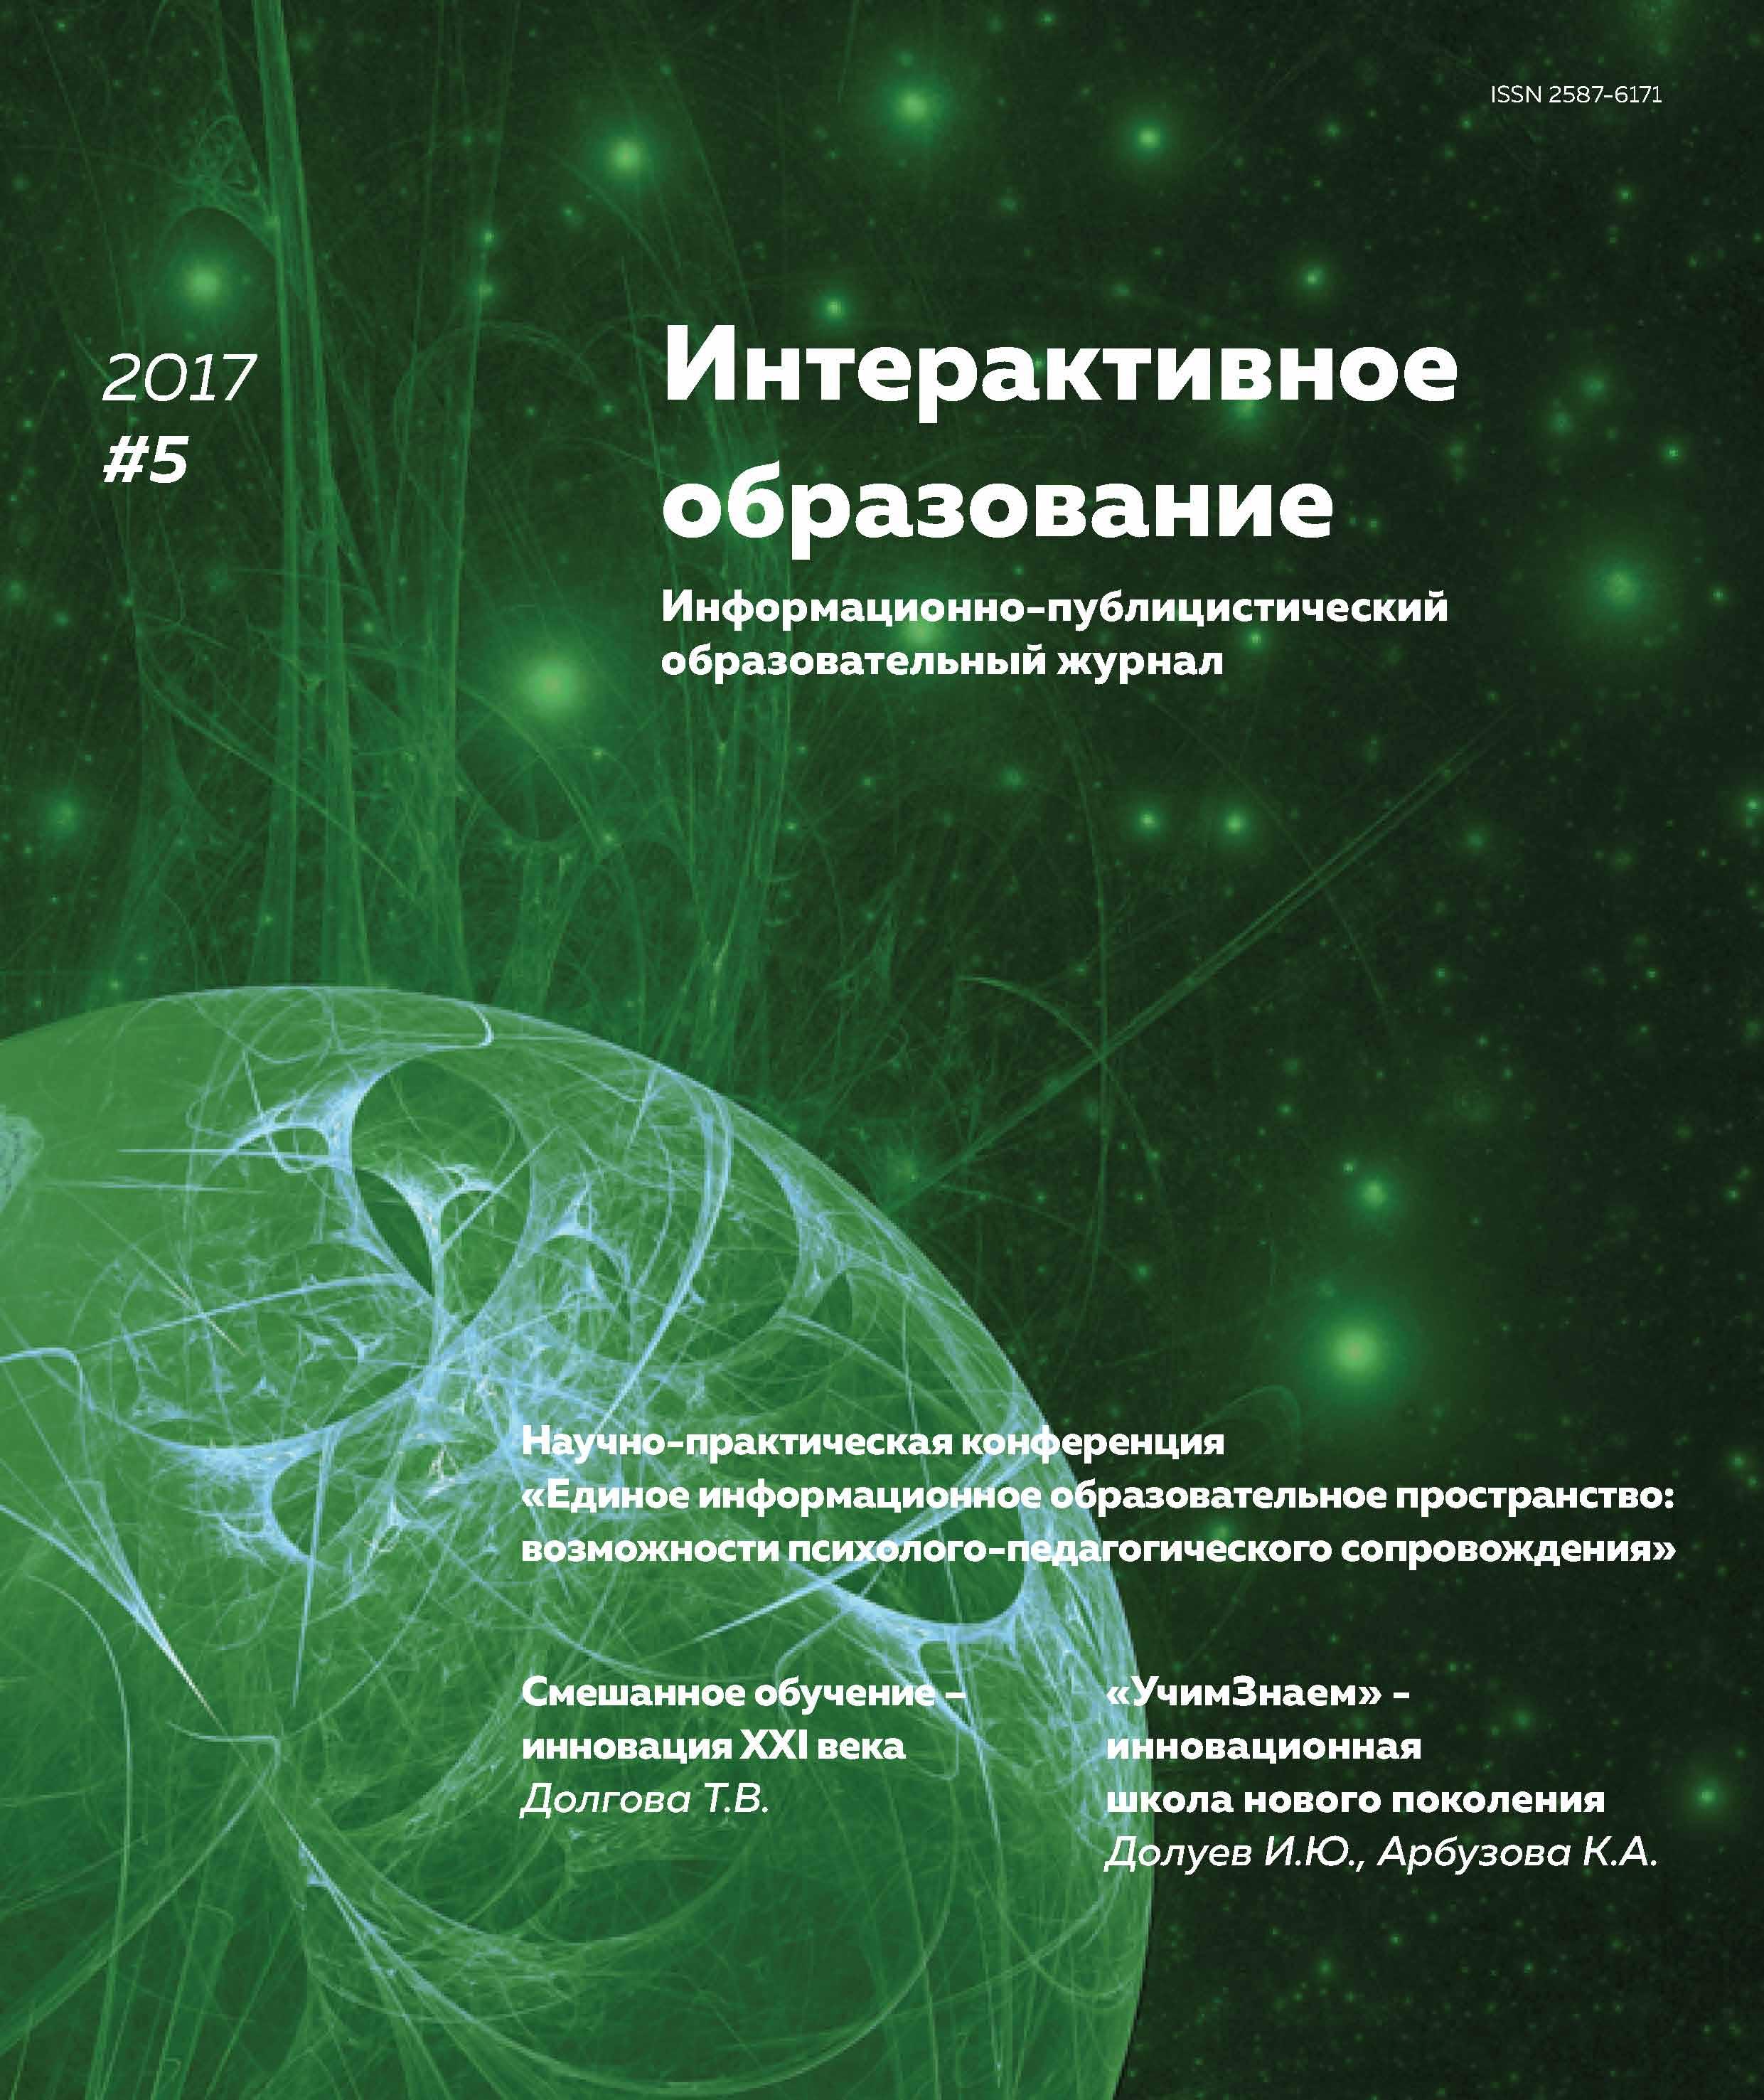 Интерактивное образование № 5 2017 г.